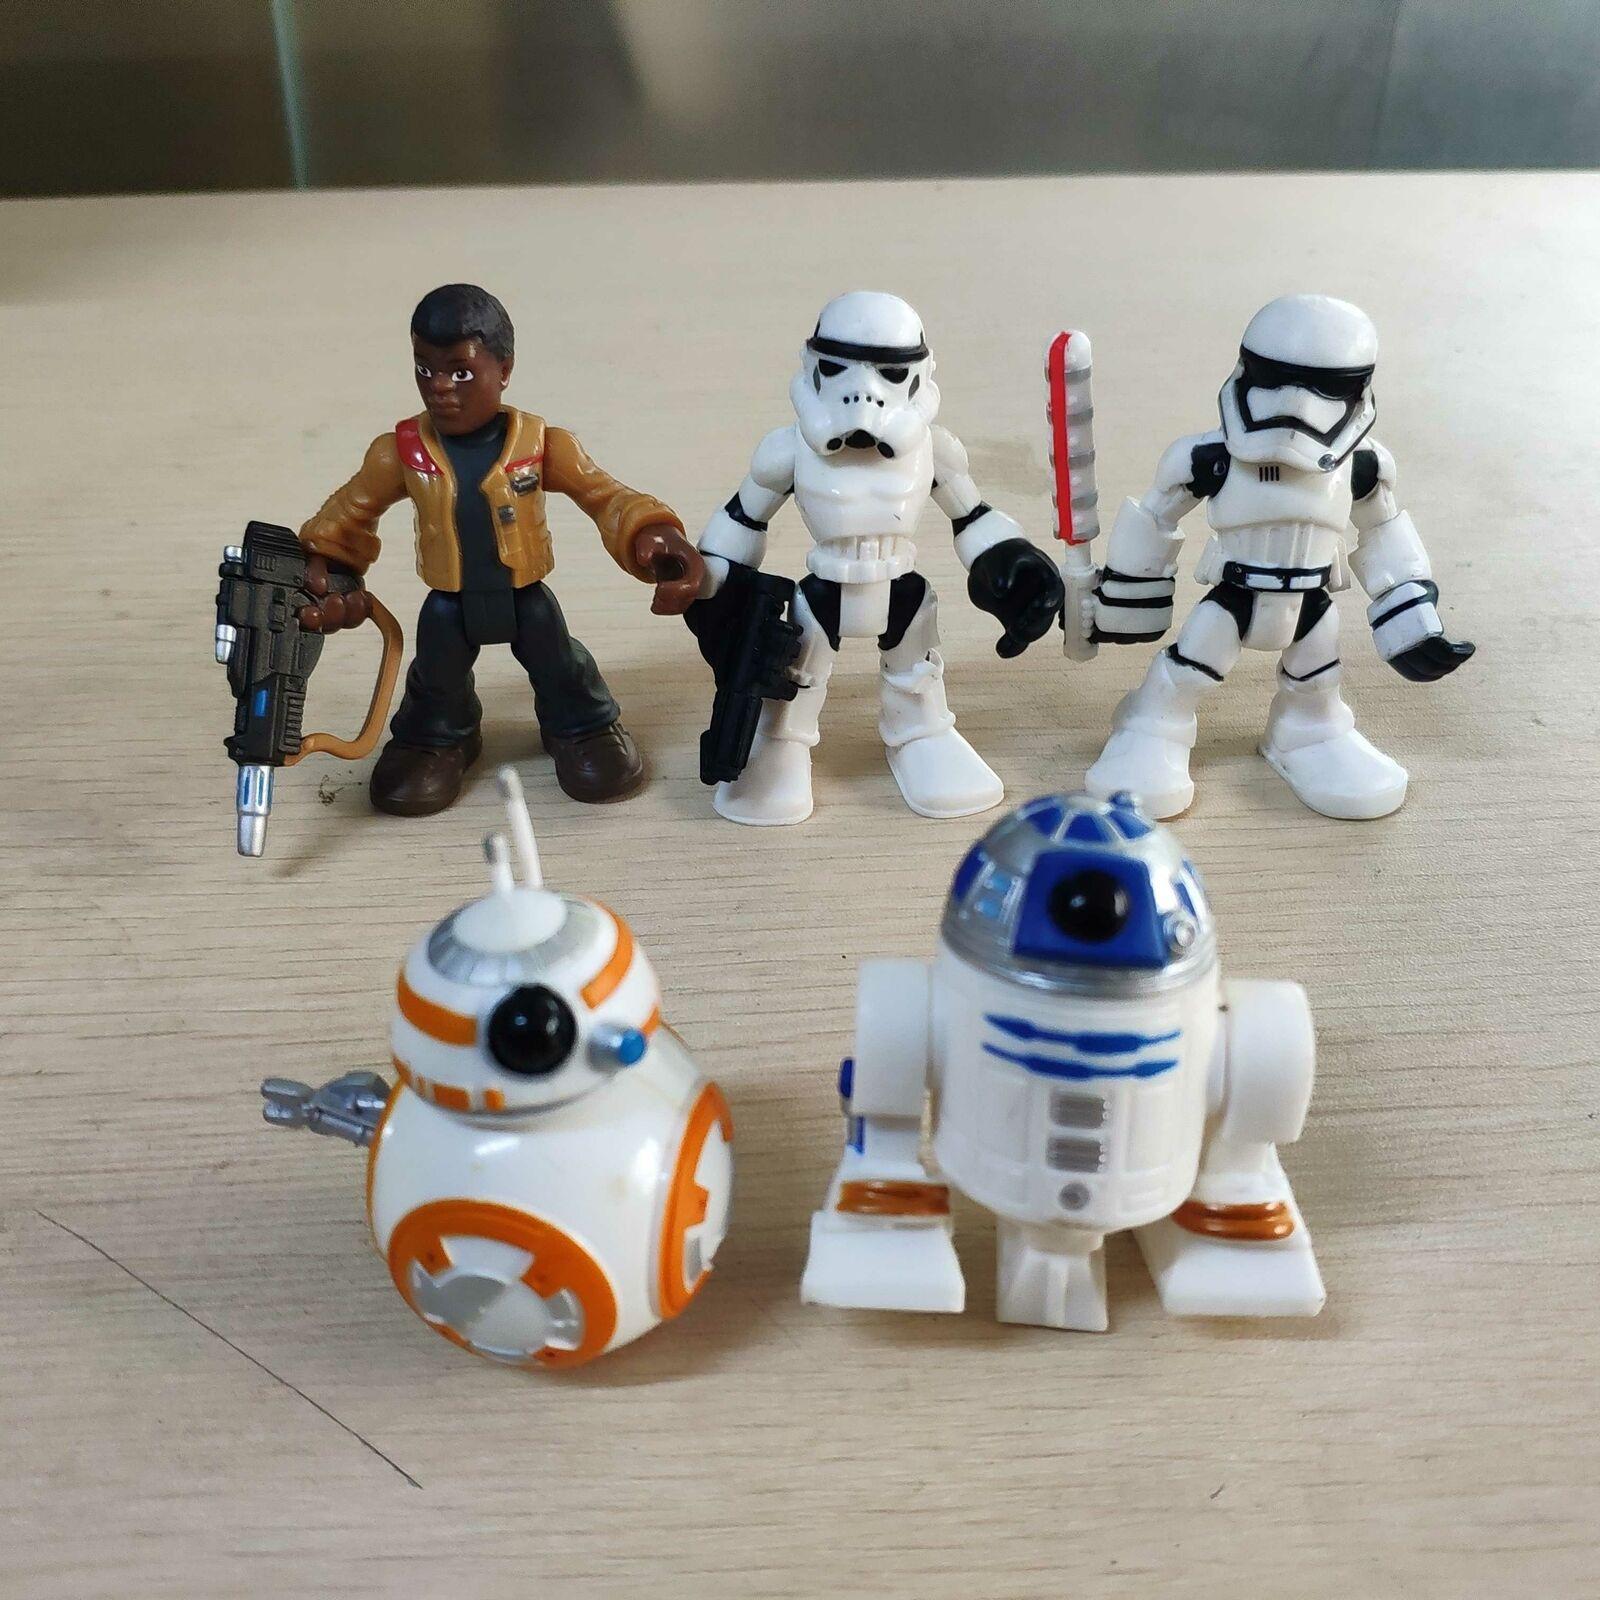 Lot of 3pcs Playskool Star Wars Galactic Heroes Last Jedi Rey BB-8 Finn Figures